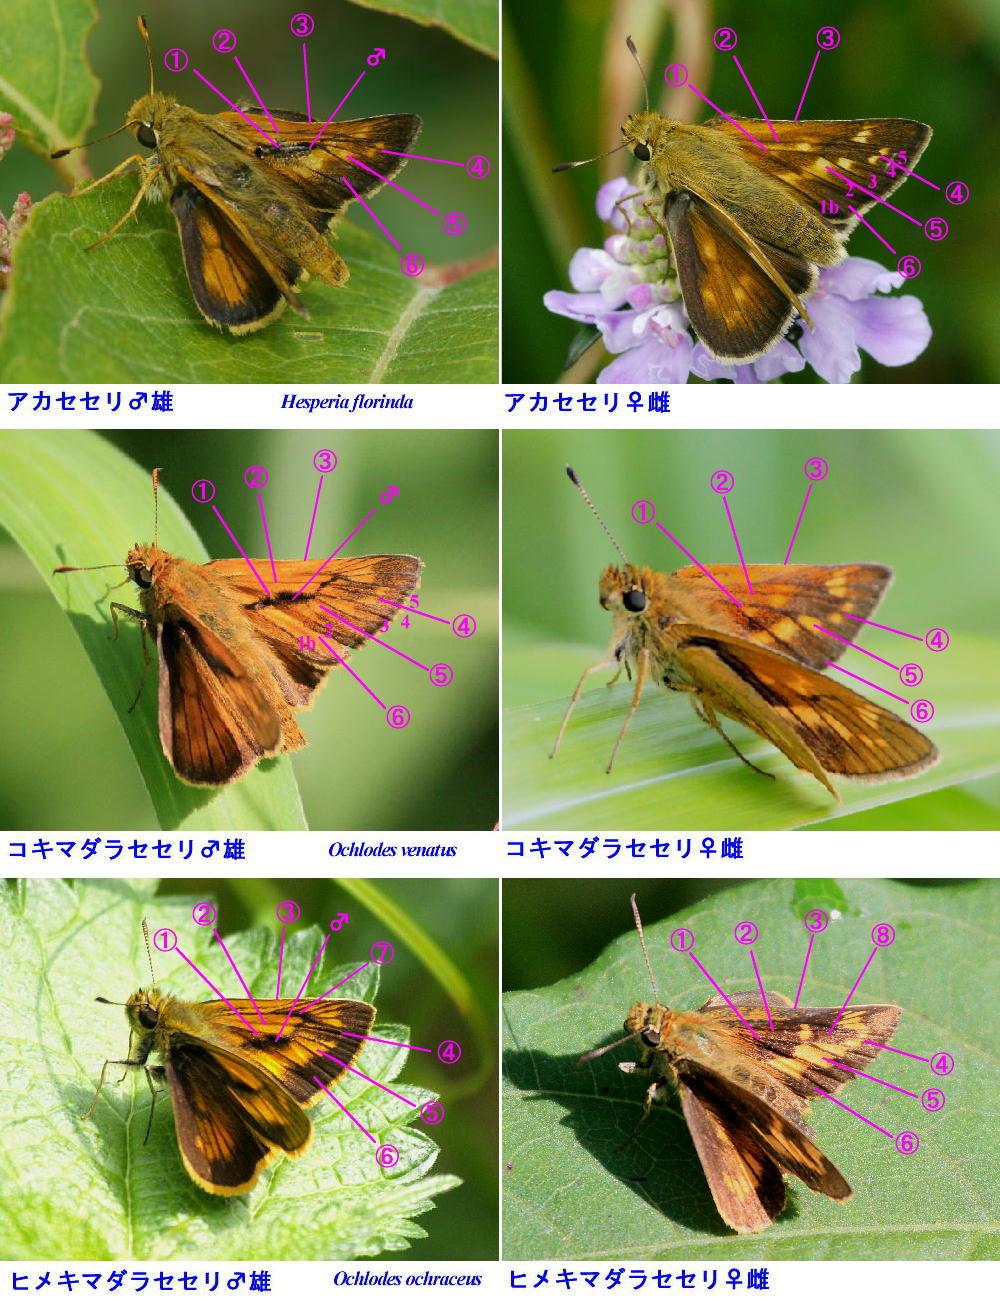 アカセセリ×コキマダラセセリ×ヒメキマダラセセリ 翅表比較図_a0146869_6515381.jpg